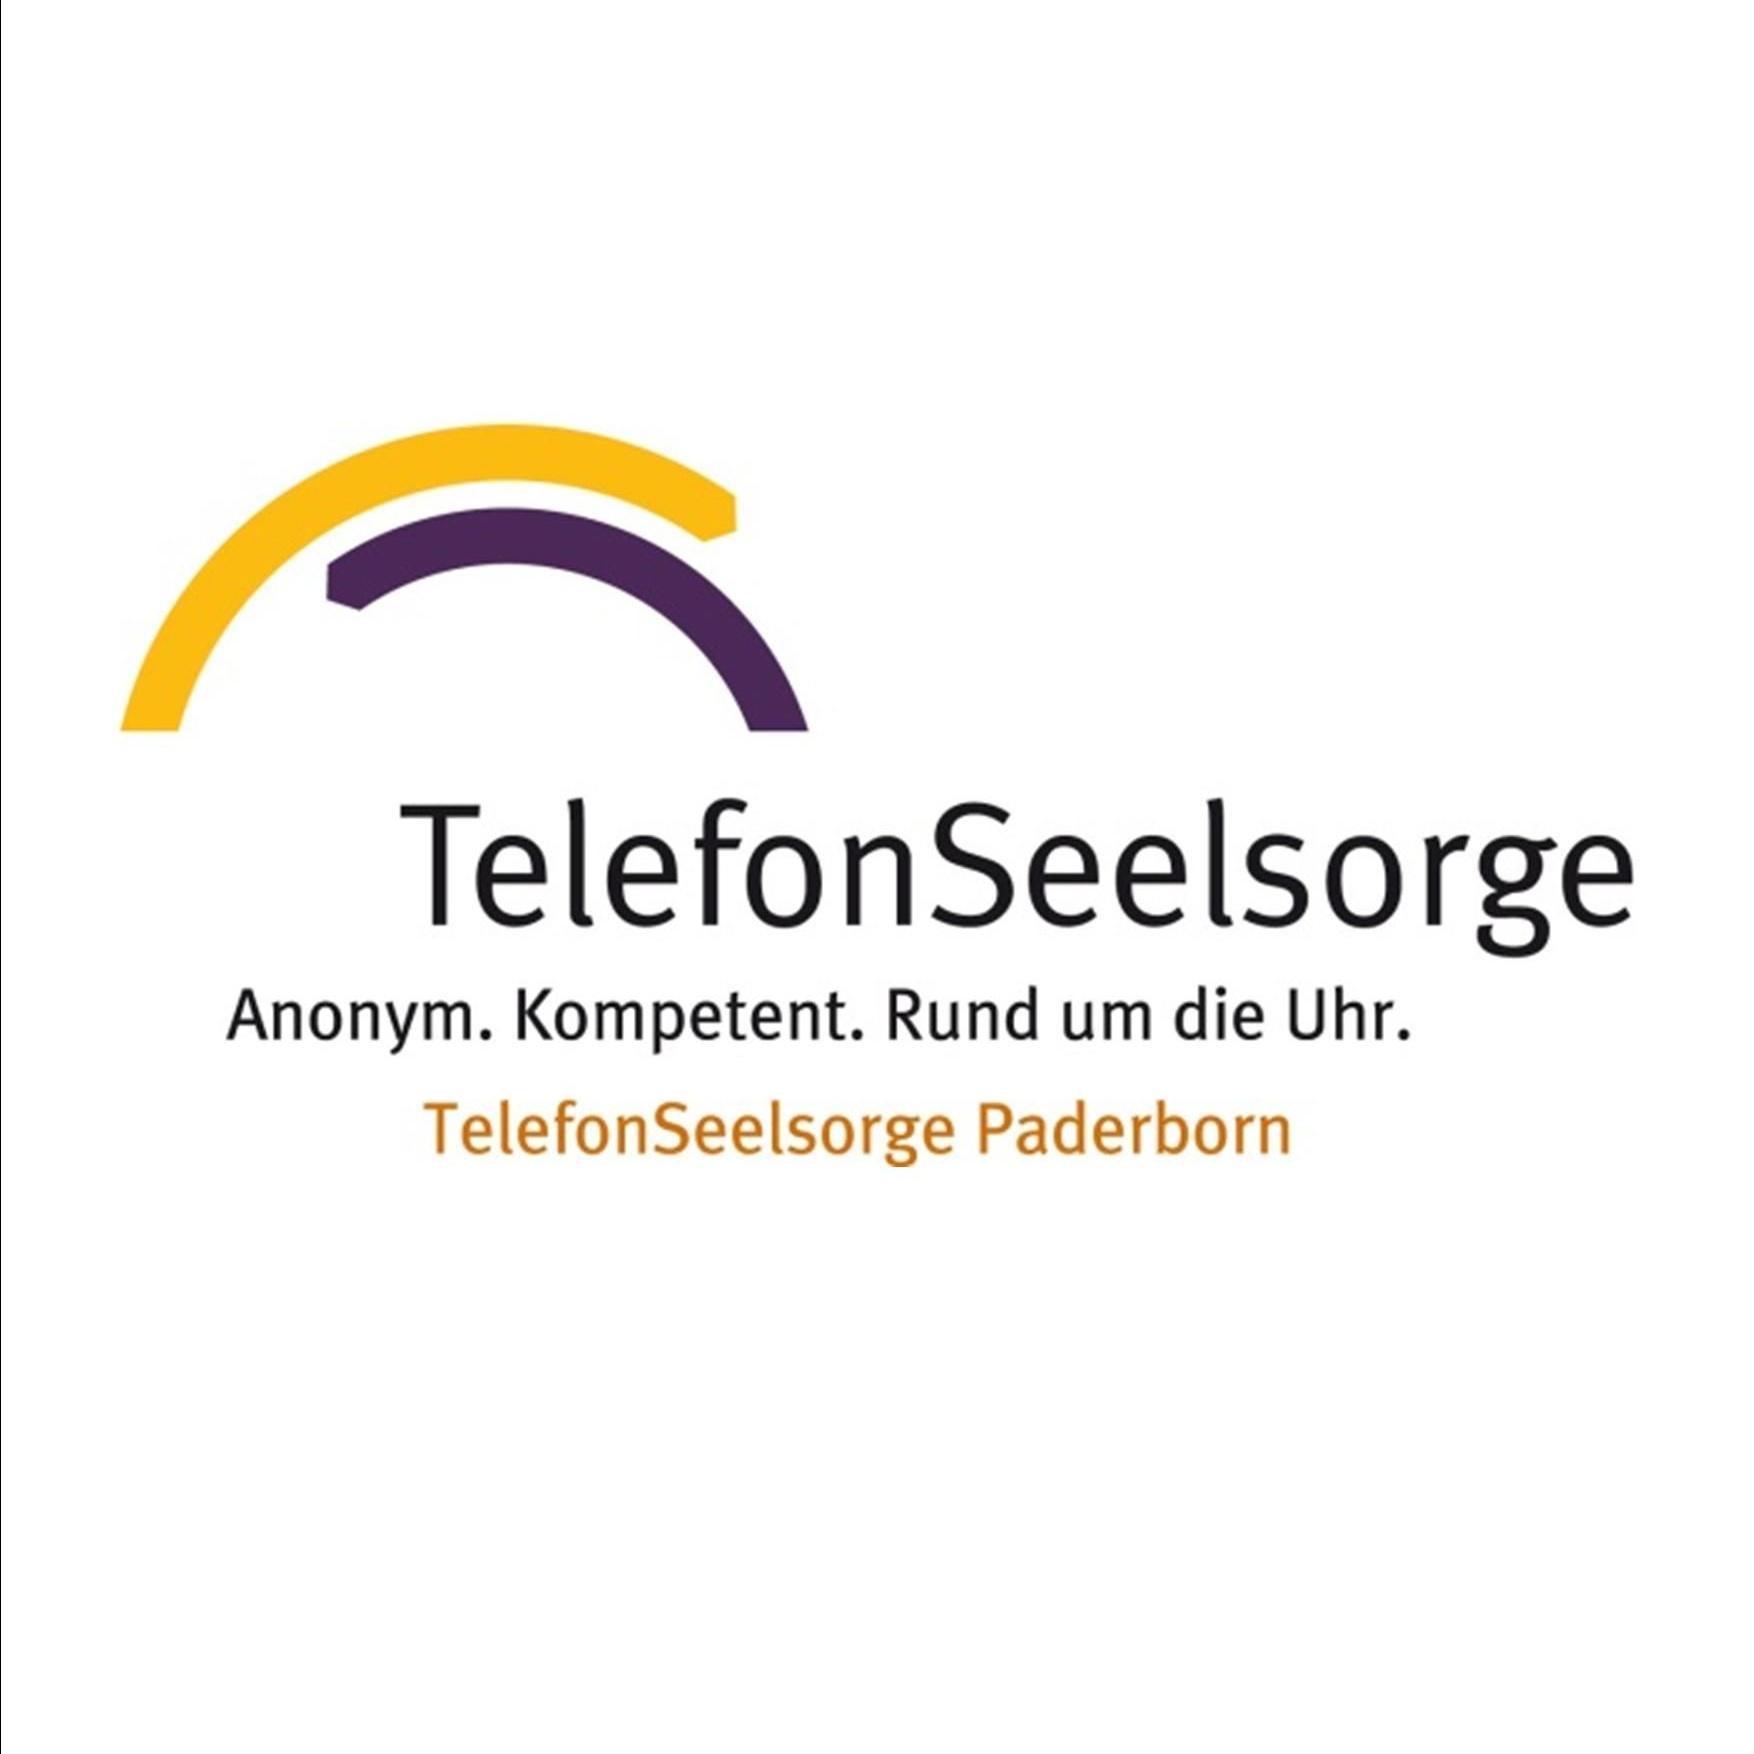 Ein offenes Ohr in Krisenzeiten  Die TelefonSeelsorge ist auch jetzt für Ratsuchende da!